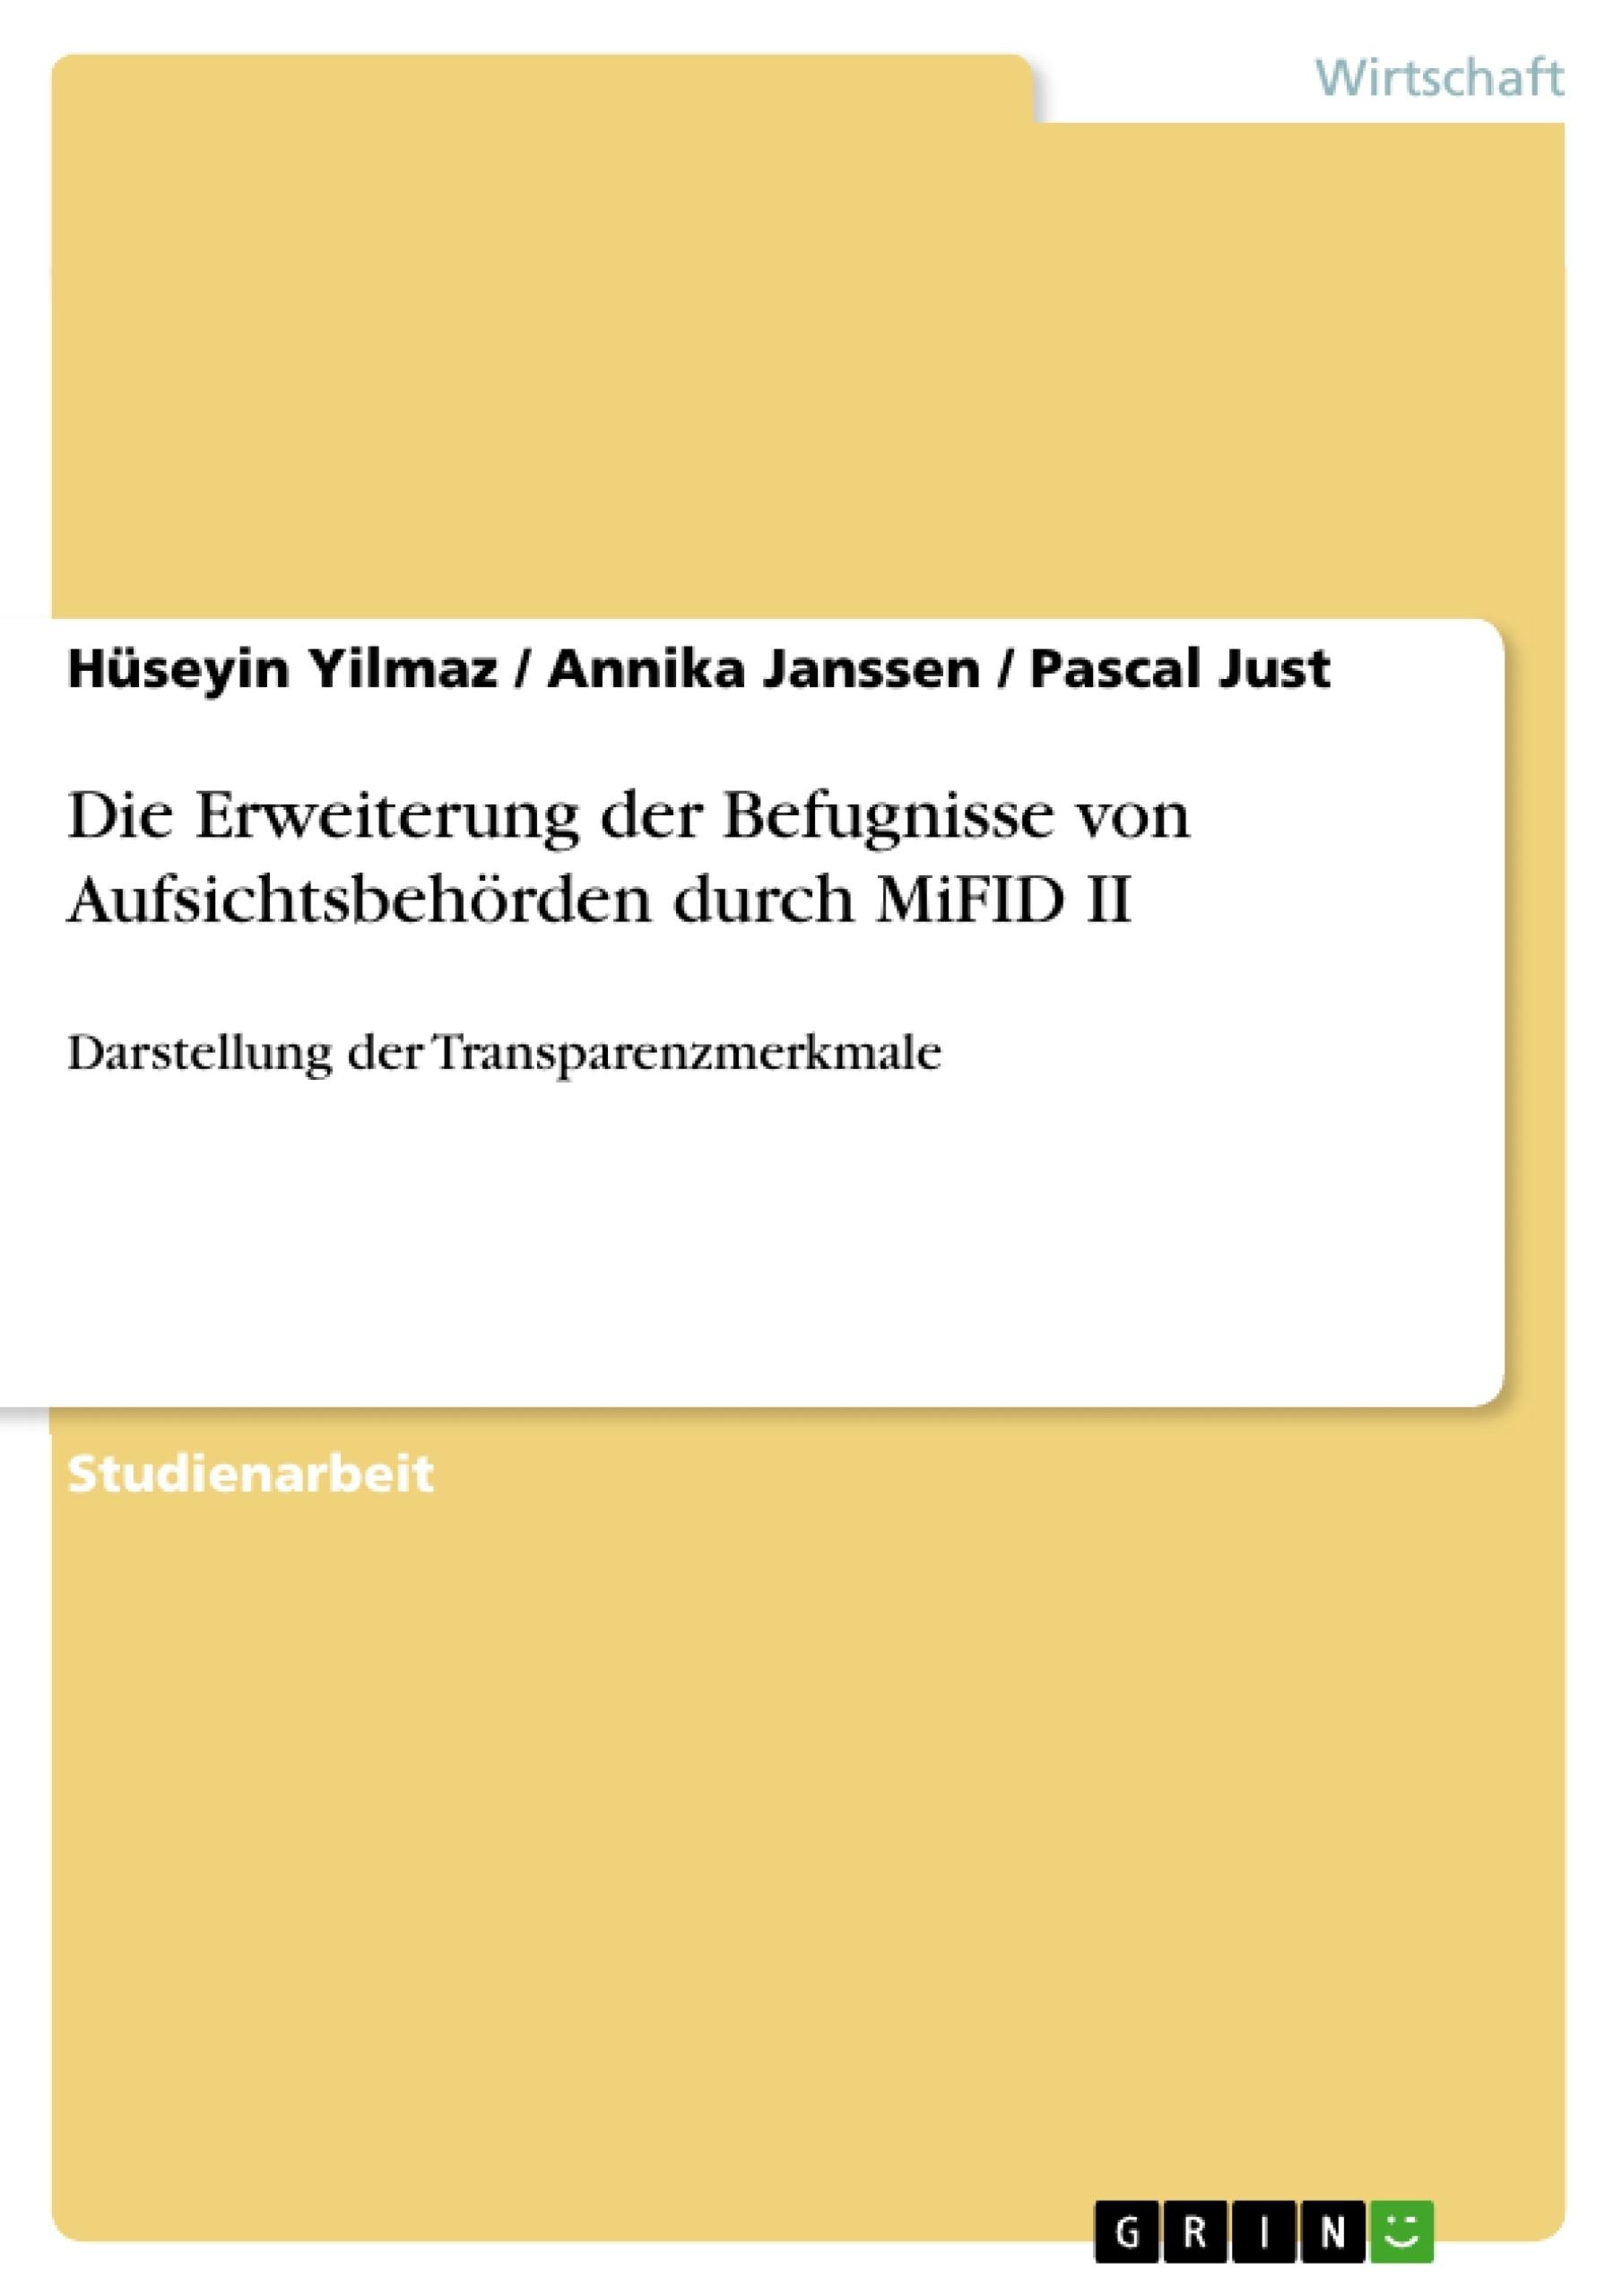 Titel: Die Erweiterung der Befugnisse von Aufsichtsbehörden durch MiFID II